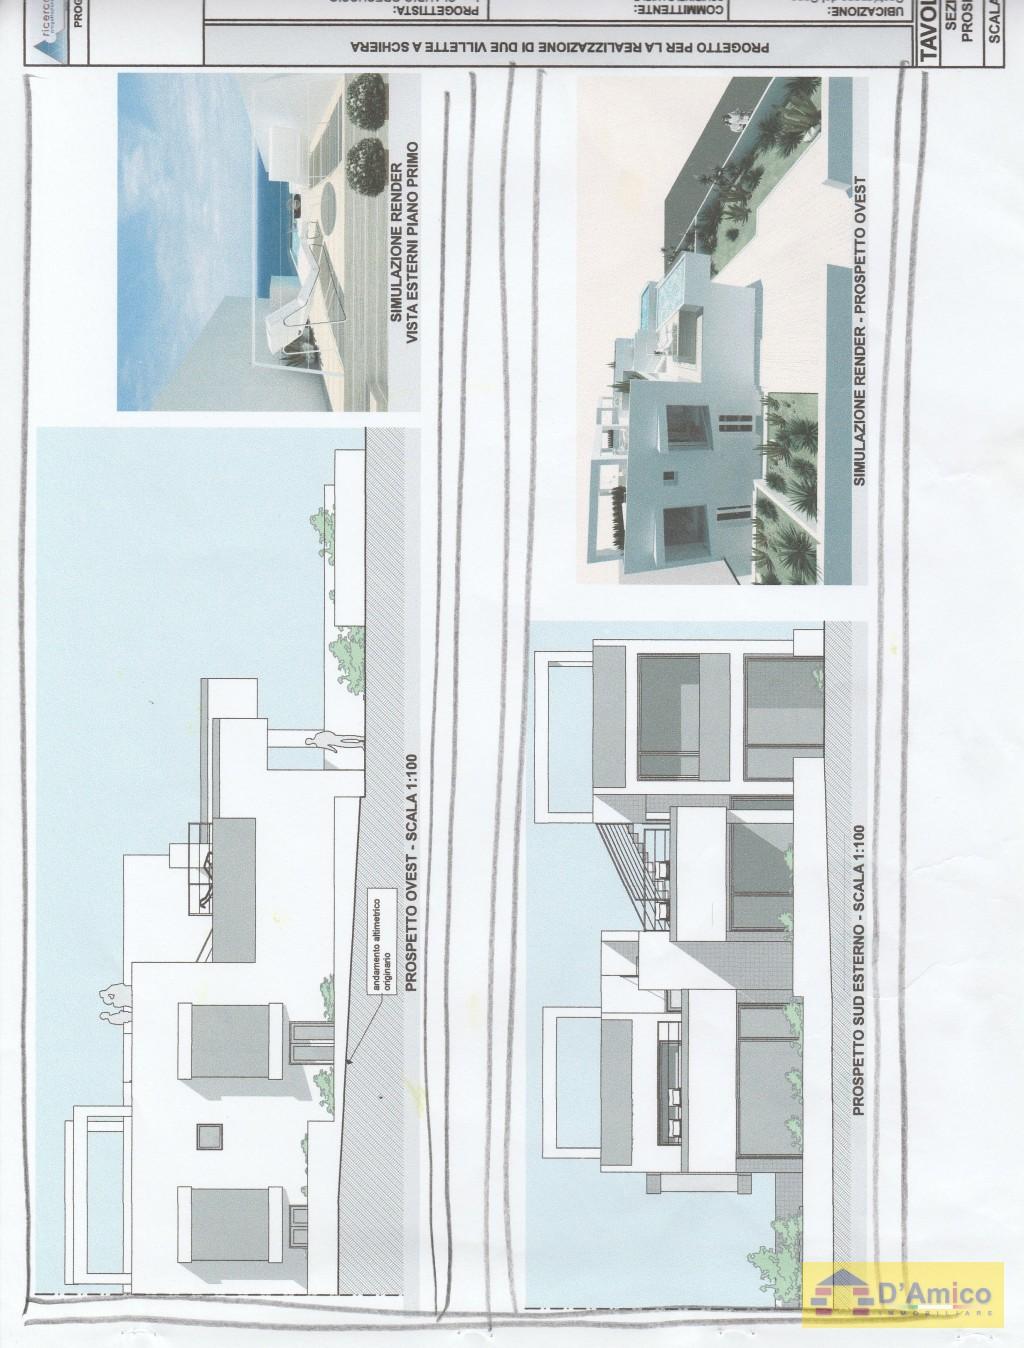 Vendesi due ville di pregio fronte mare con piscina a for Deckplan com piani di coperta gratuiti